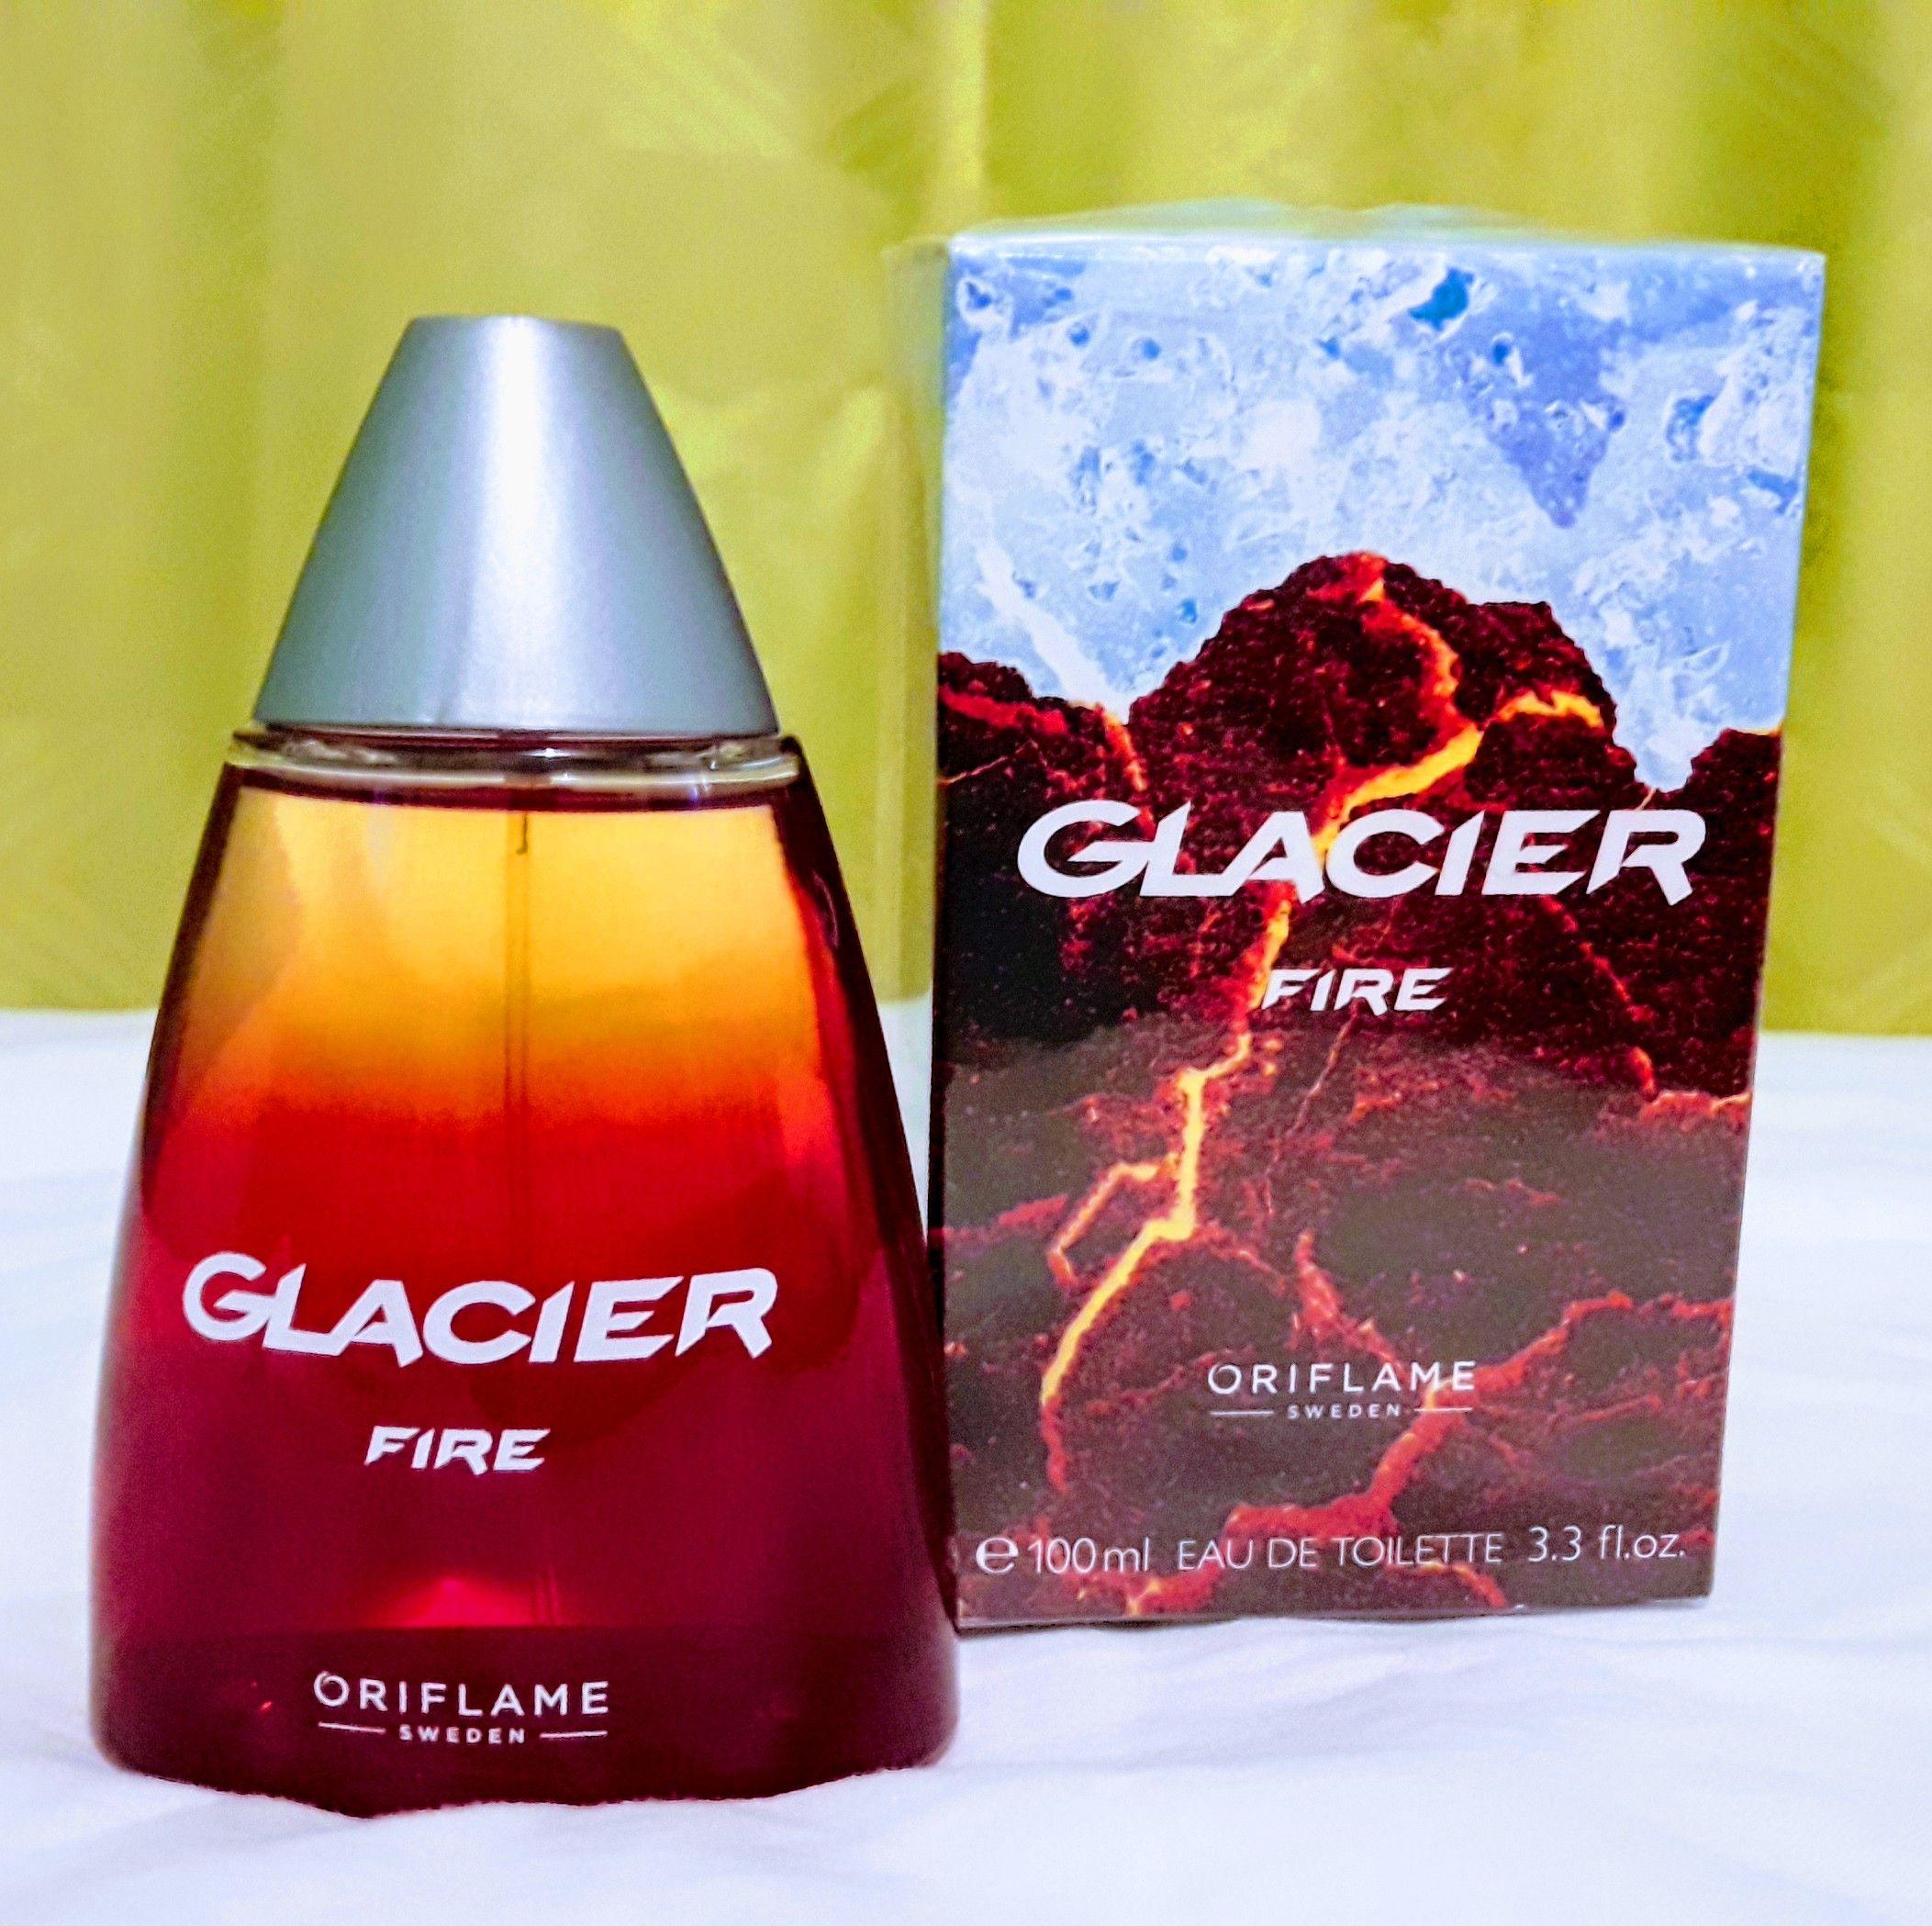 GLACIER FIRE EaU de Toilette (con imágenes) Perfumes